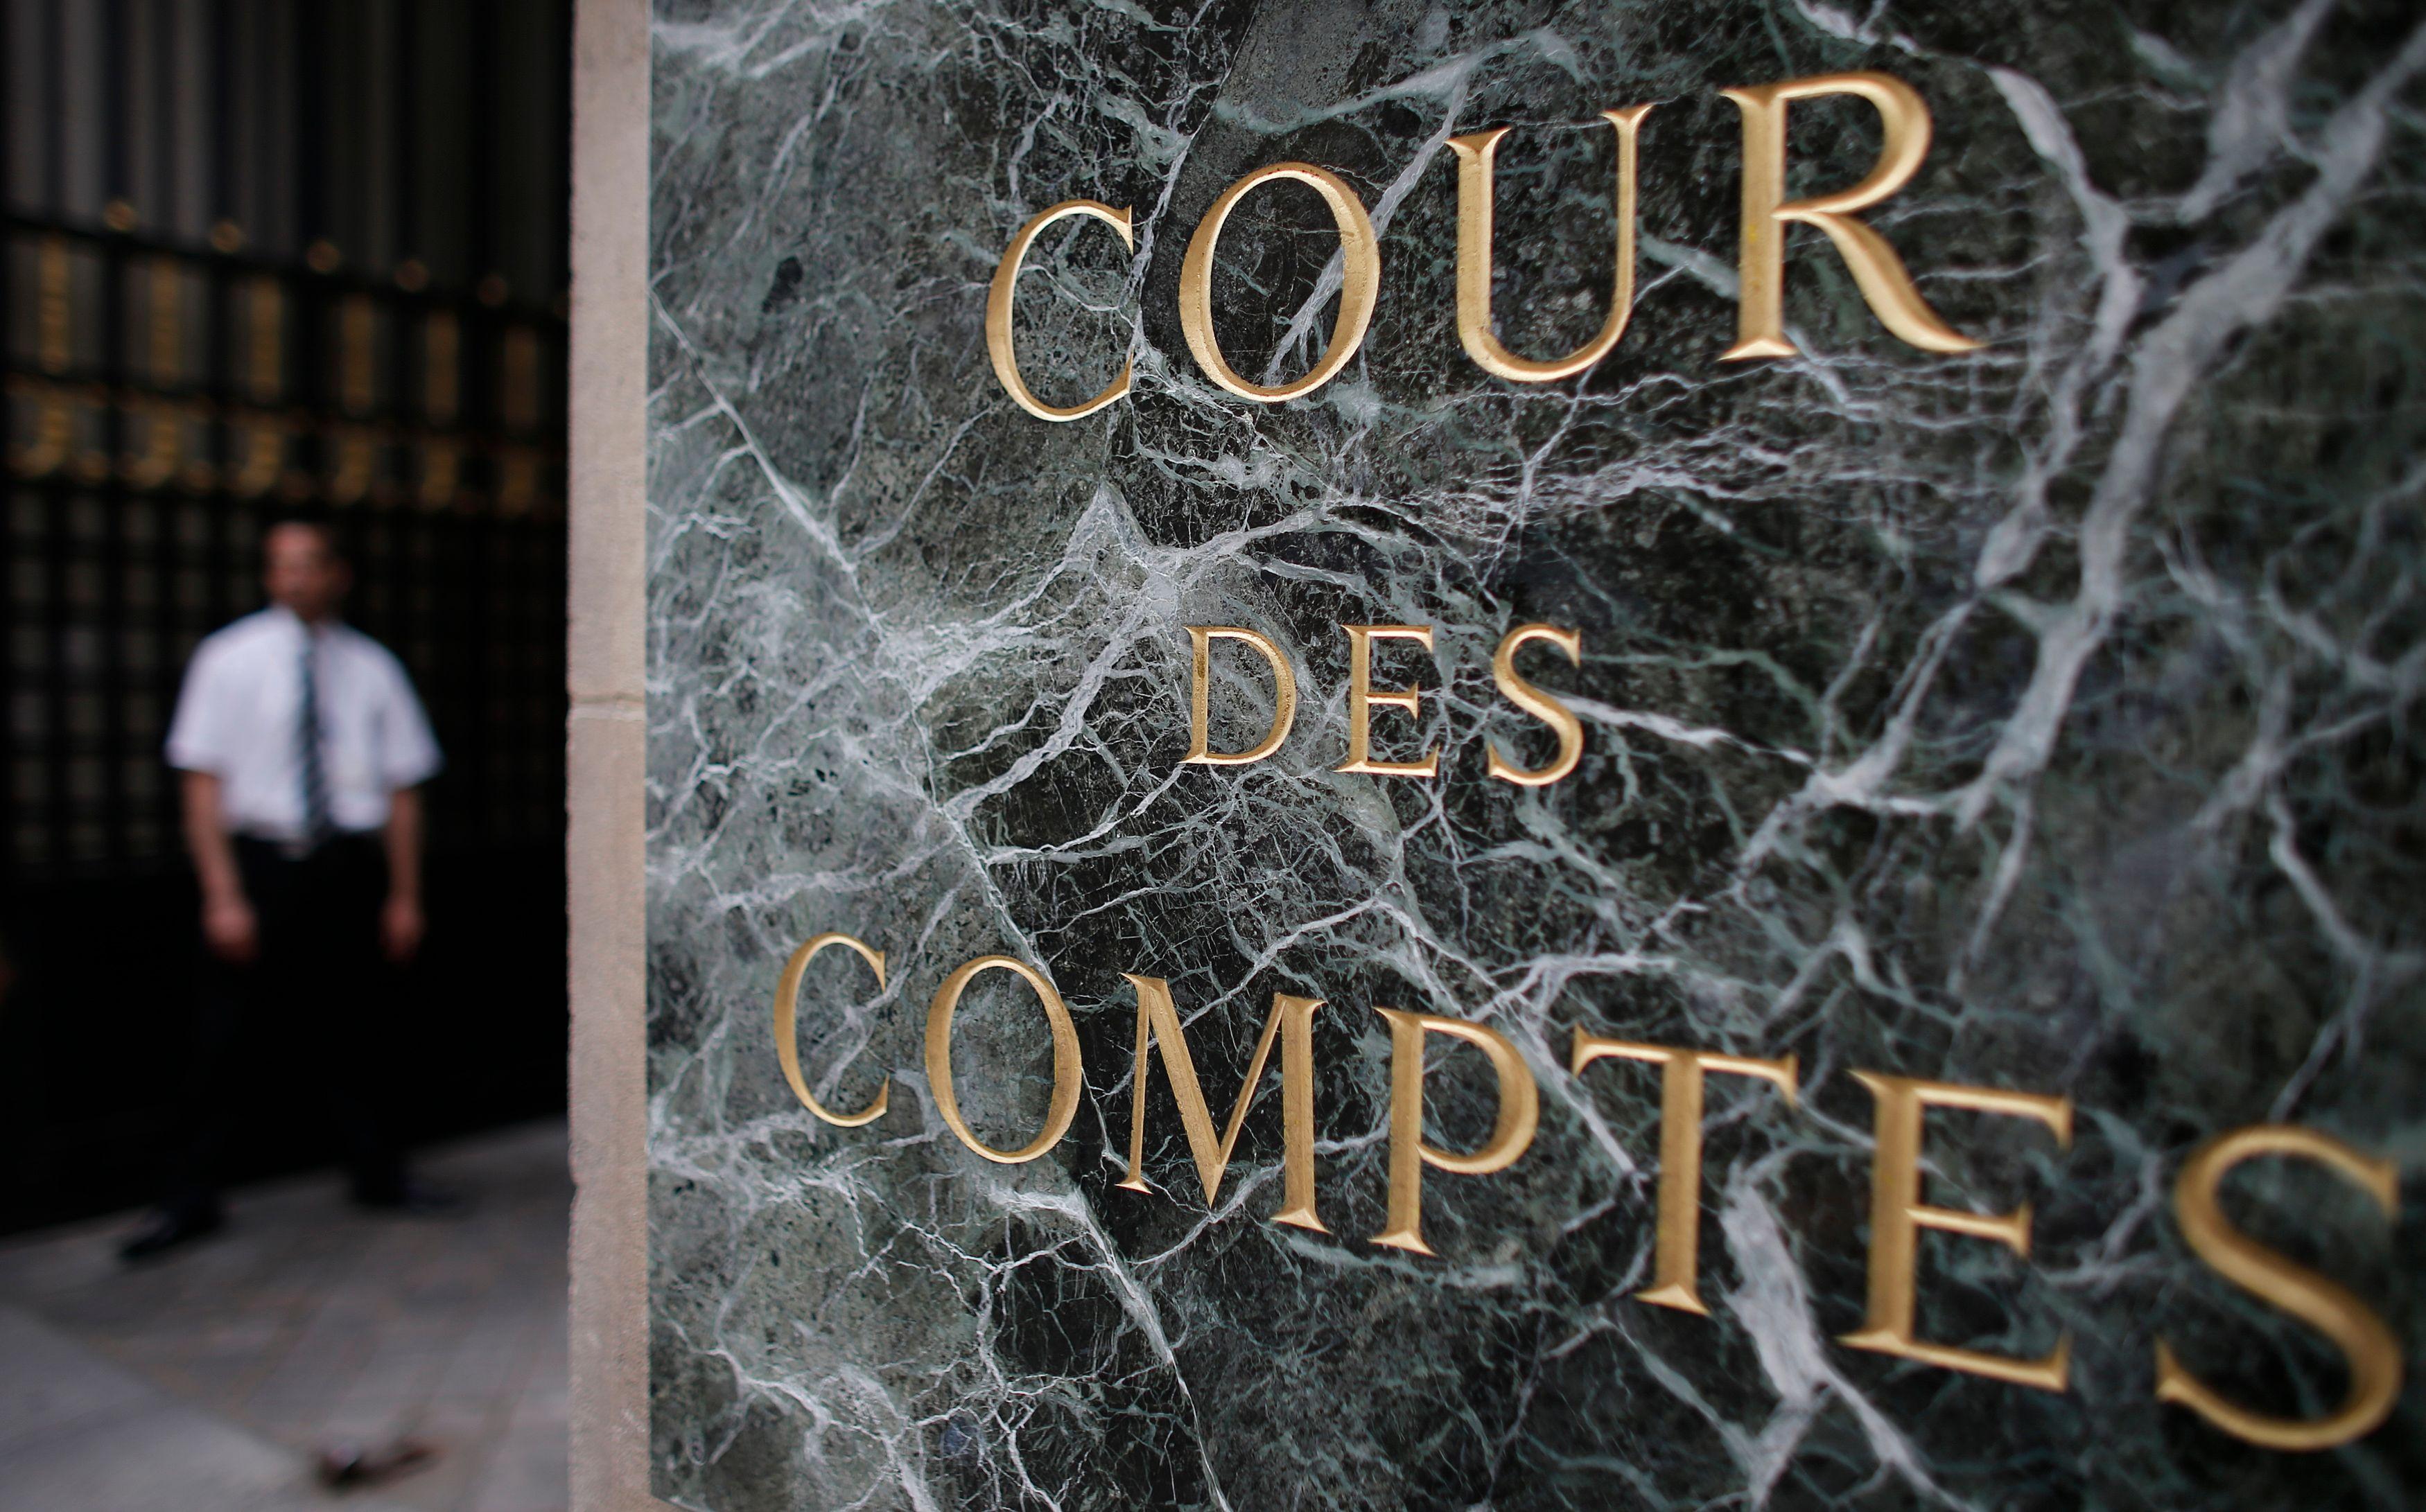 En 2012, les collectivités territoriales ont enregistré 3,1 milliards d'euros de déficit, ce que dénoncer la cour des comptes.